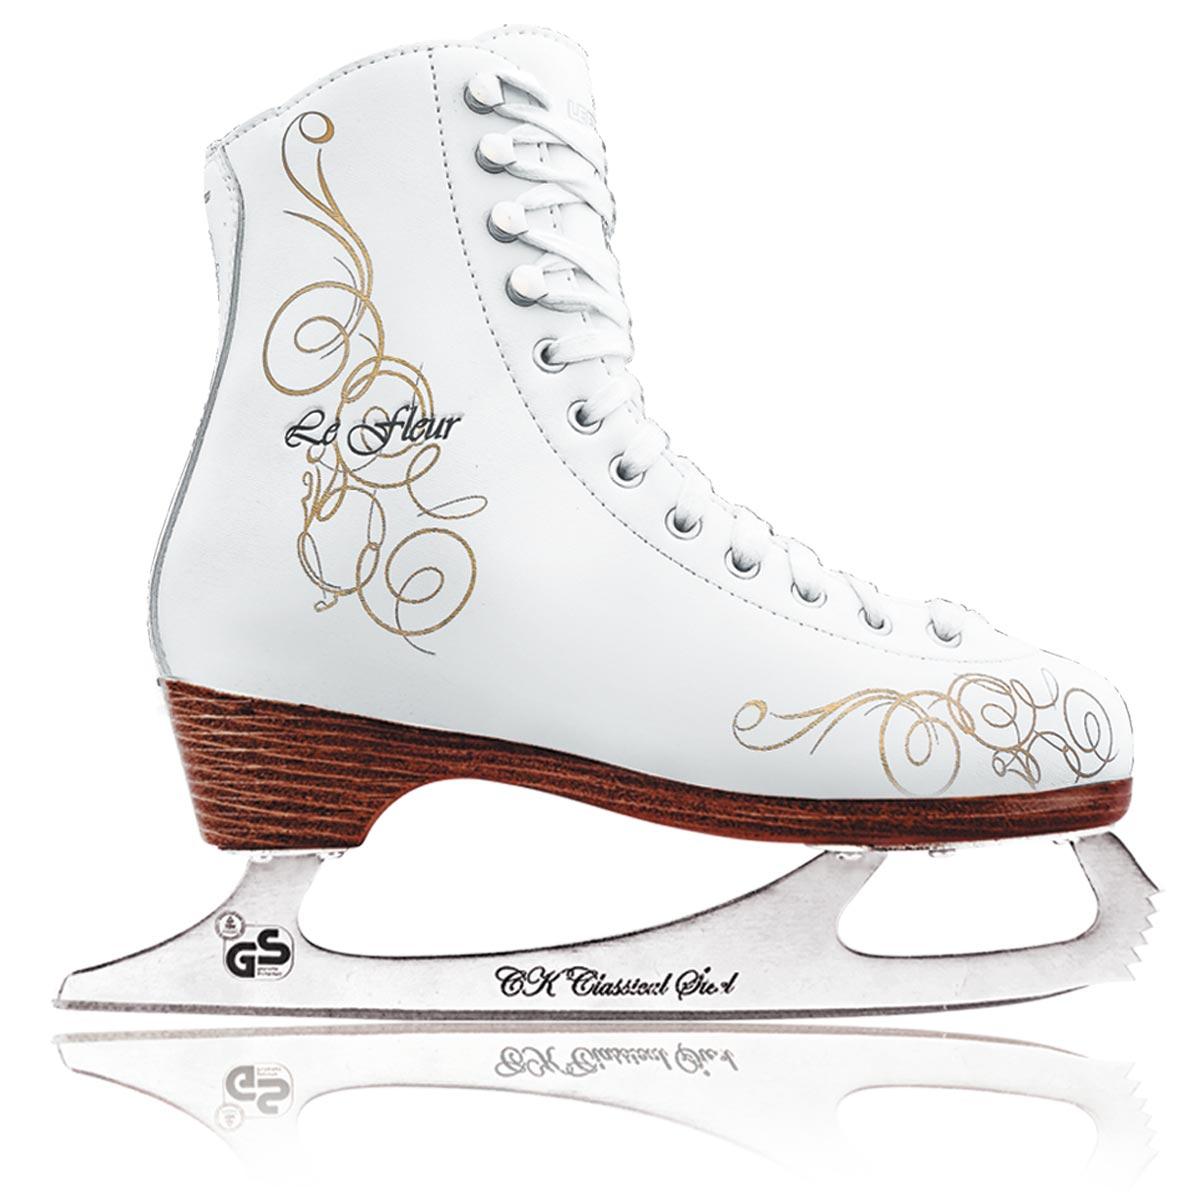 Коньки фигурные для девочки СК Le Fleur Leather 50/50, цвет: белый, золотой. Размер 34